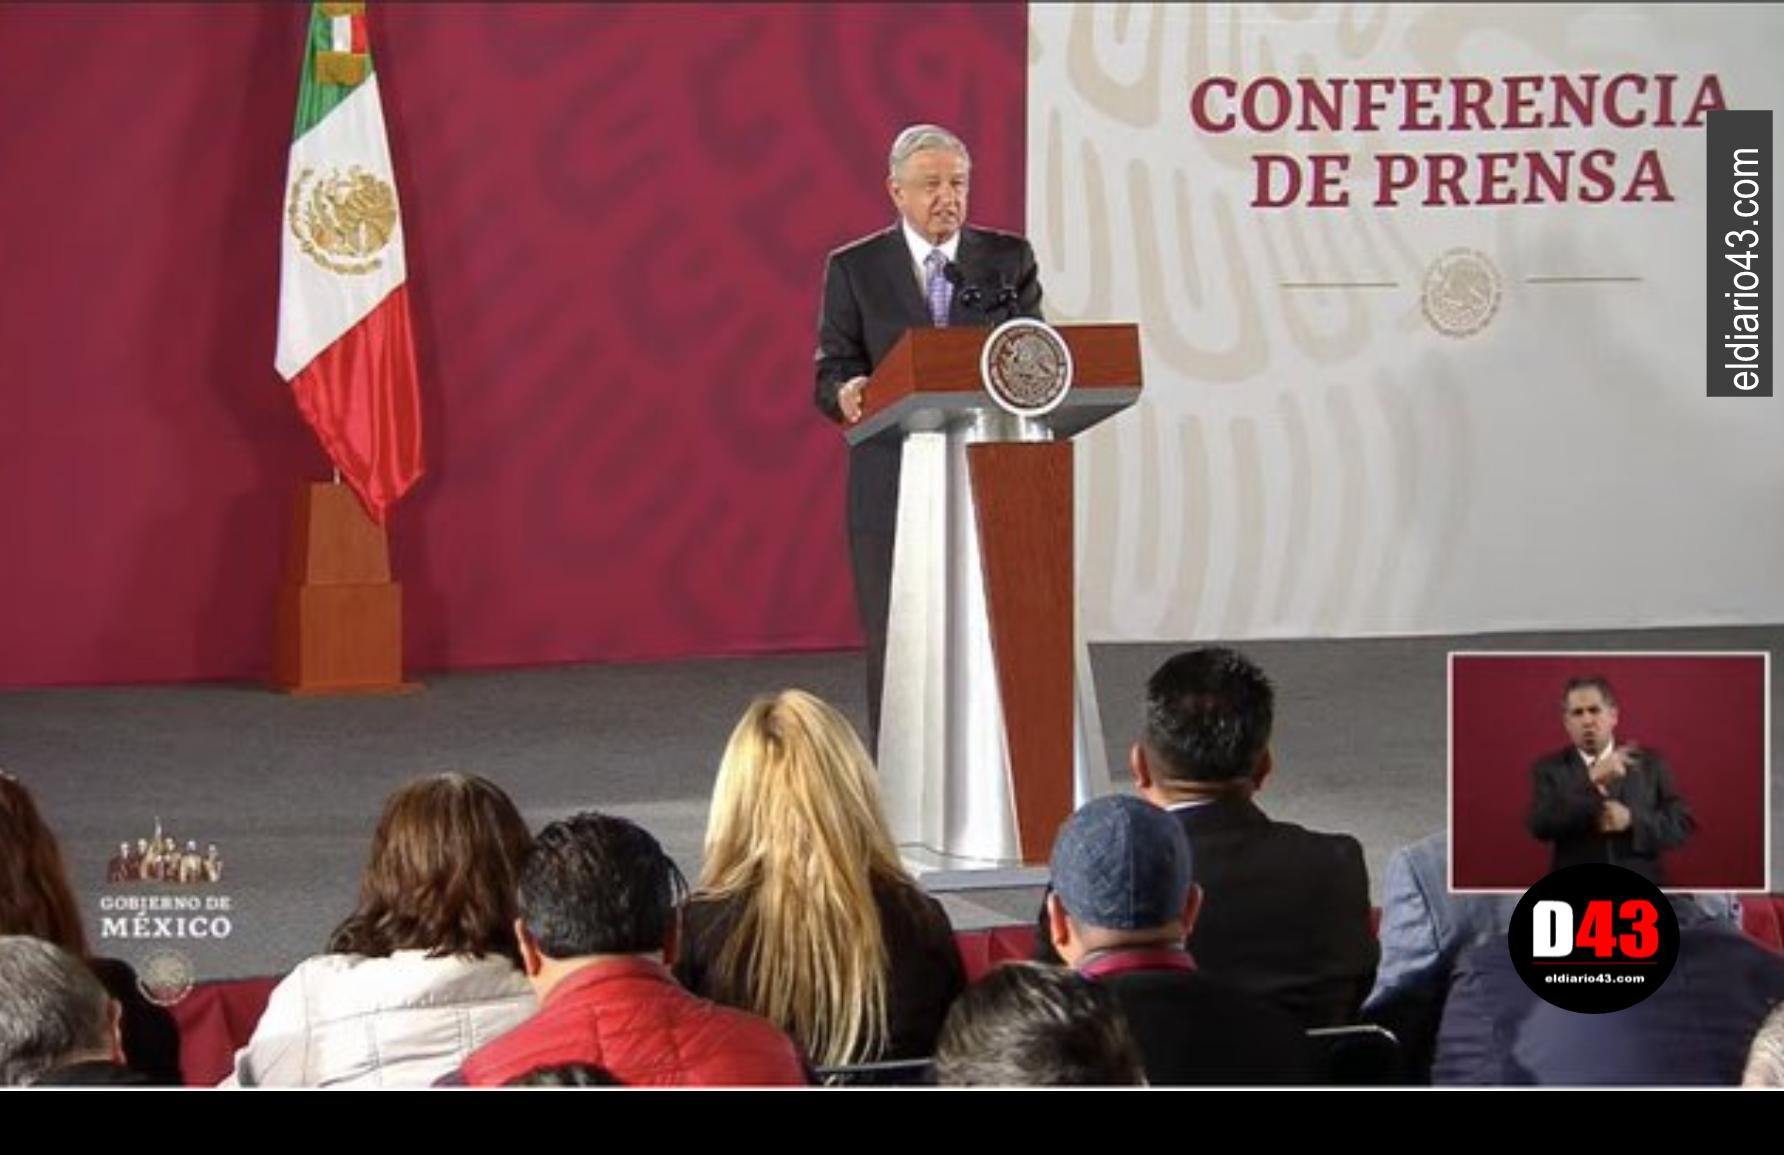 Estoy satisfecho; Rosario Piedra vivió en carne propia la desaparición: López Obrador